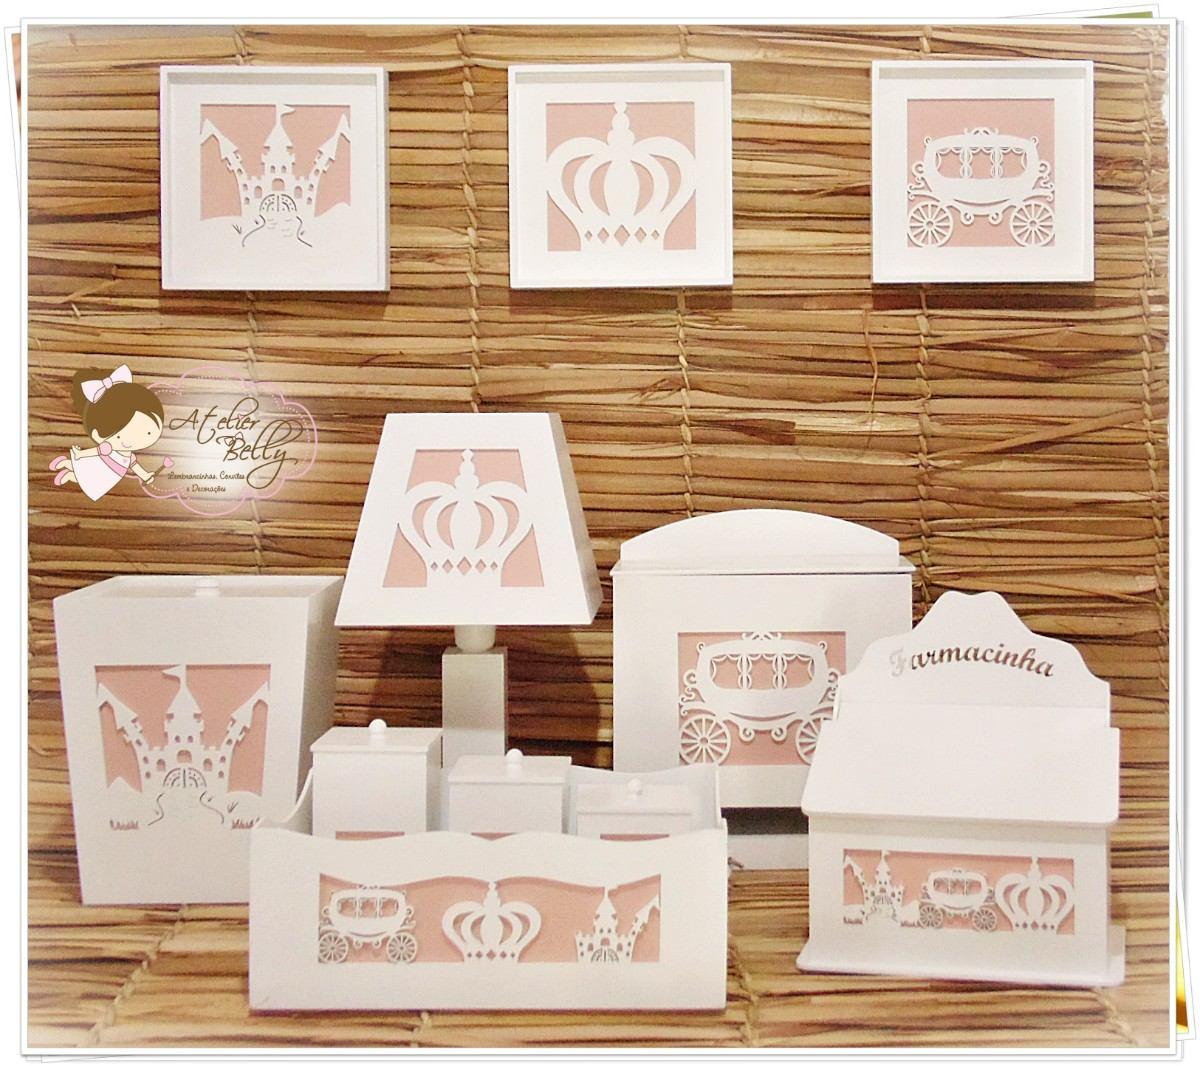 Kit Higiene Bebe Mdf Branco Urso Decorado Tecido  R$ 209,90 no MercadoLivre -> Kit Banheiro Mdf Decorado